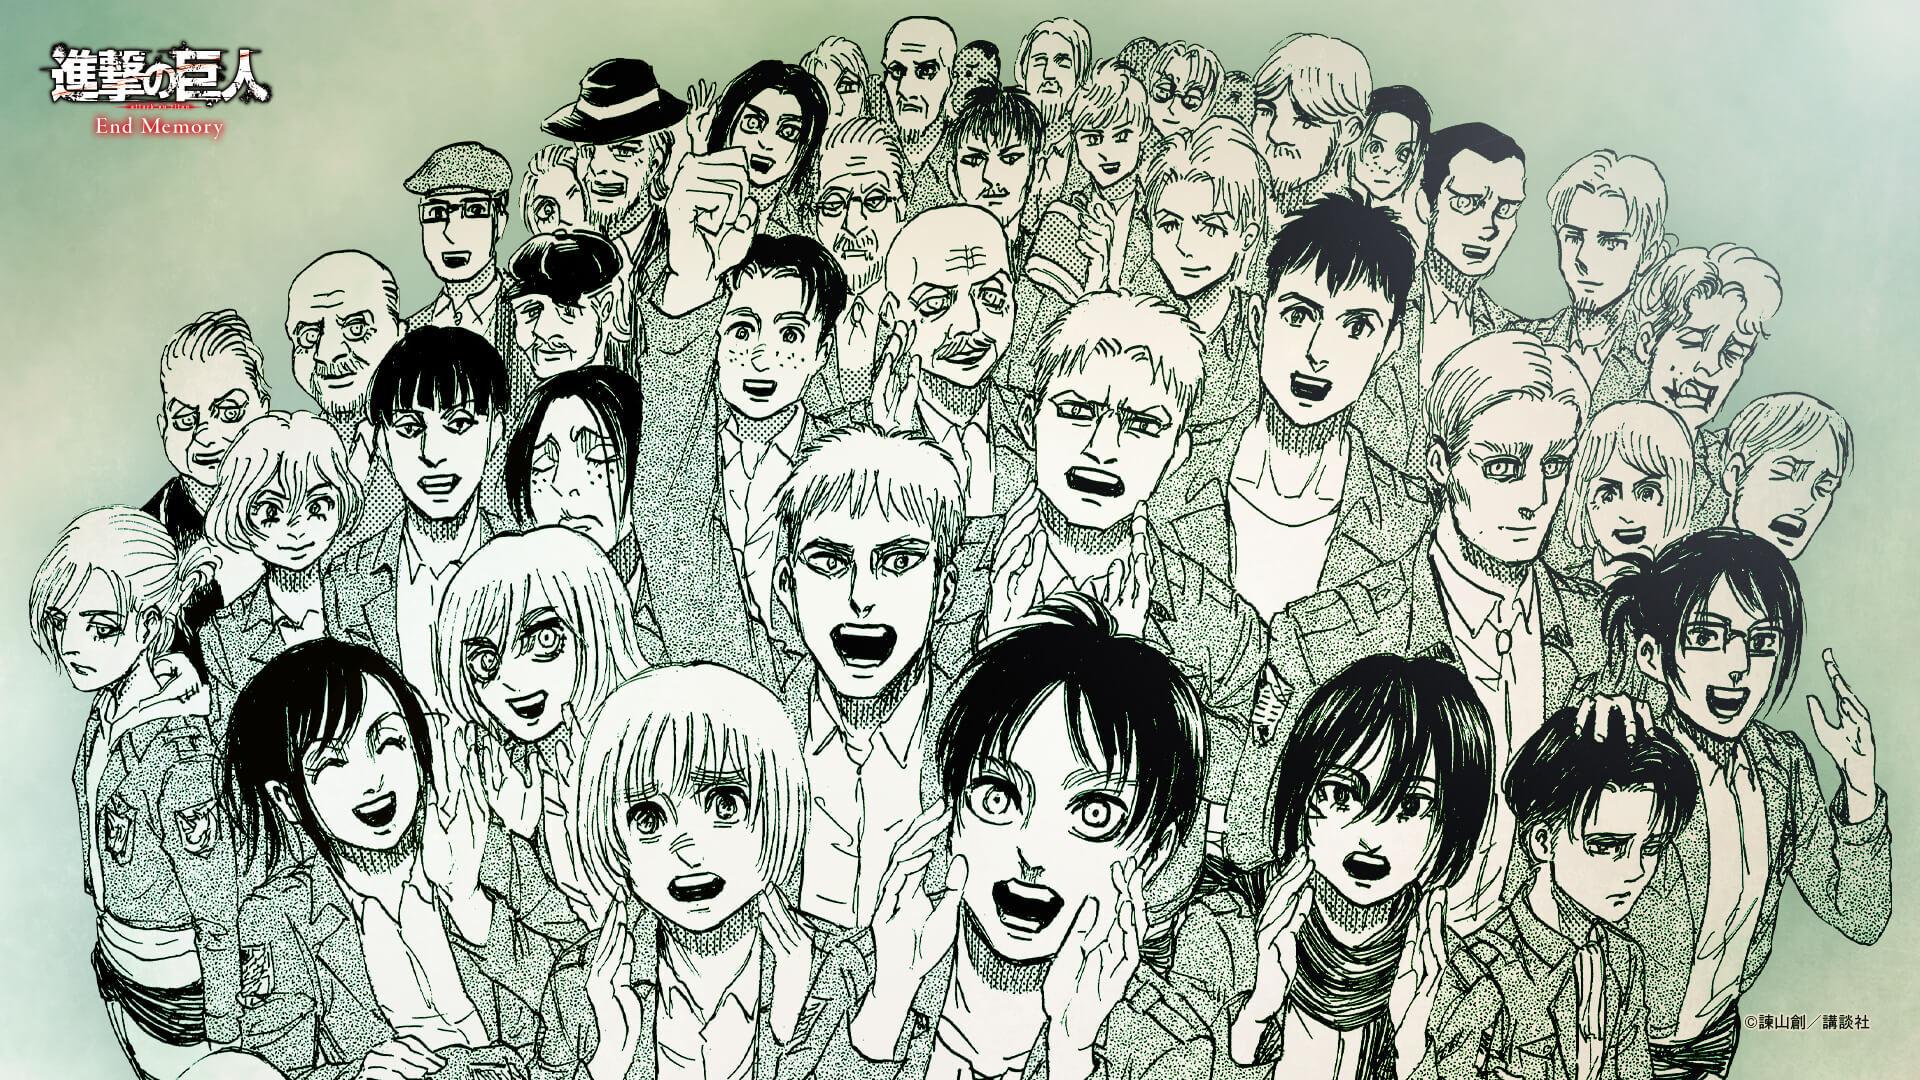 Capítulo final del manga de Shingeki no Kyojin – Reseña y Opinión Personal con Spoilers